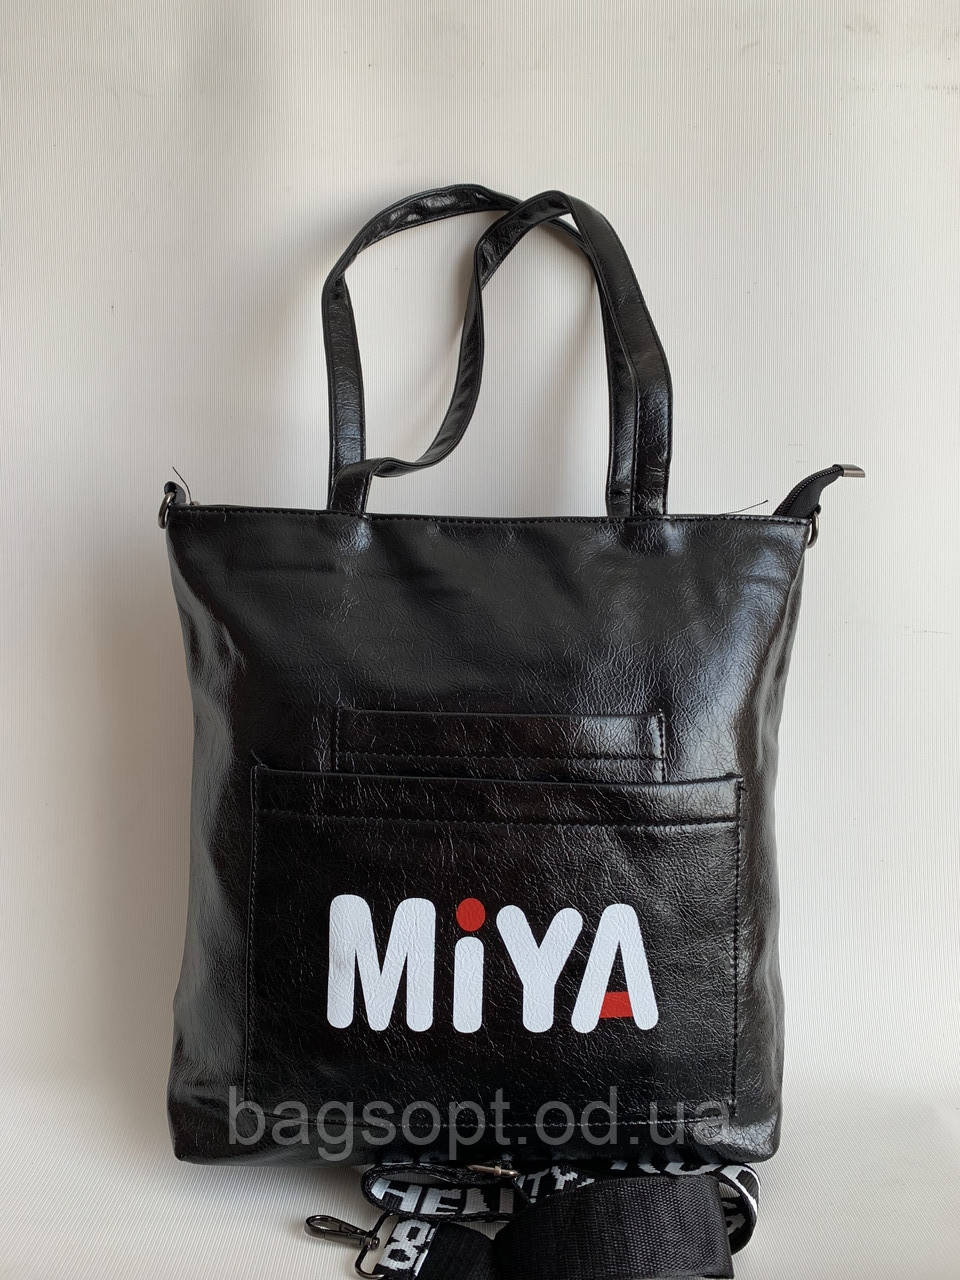 Молодежная городская сумка шоппер повседневная стильная черная с широким плечевым ремнем